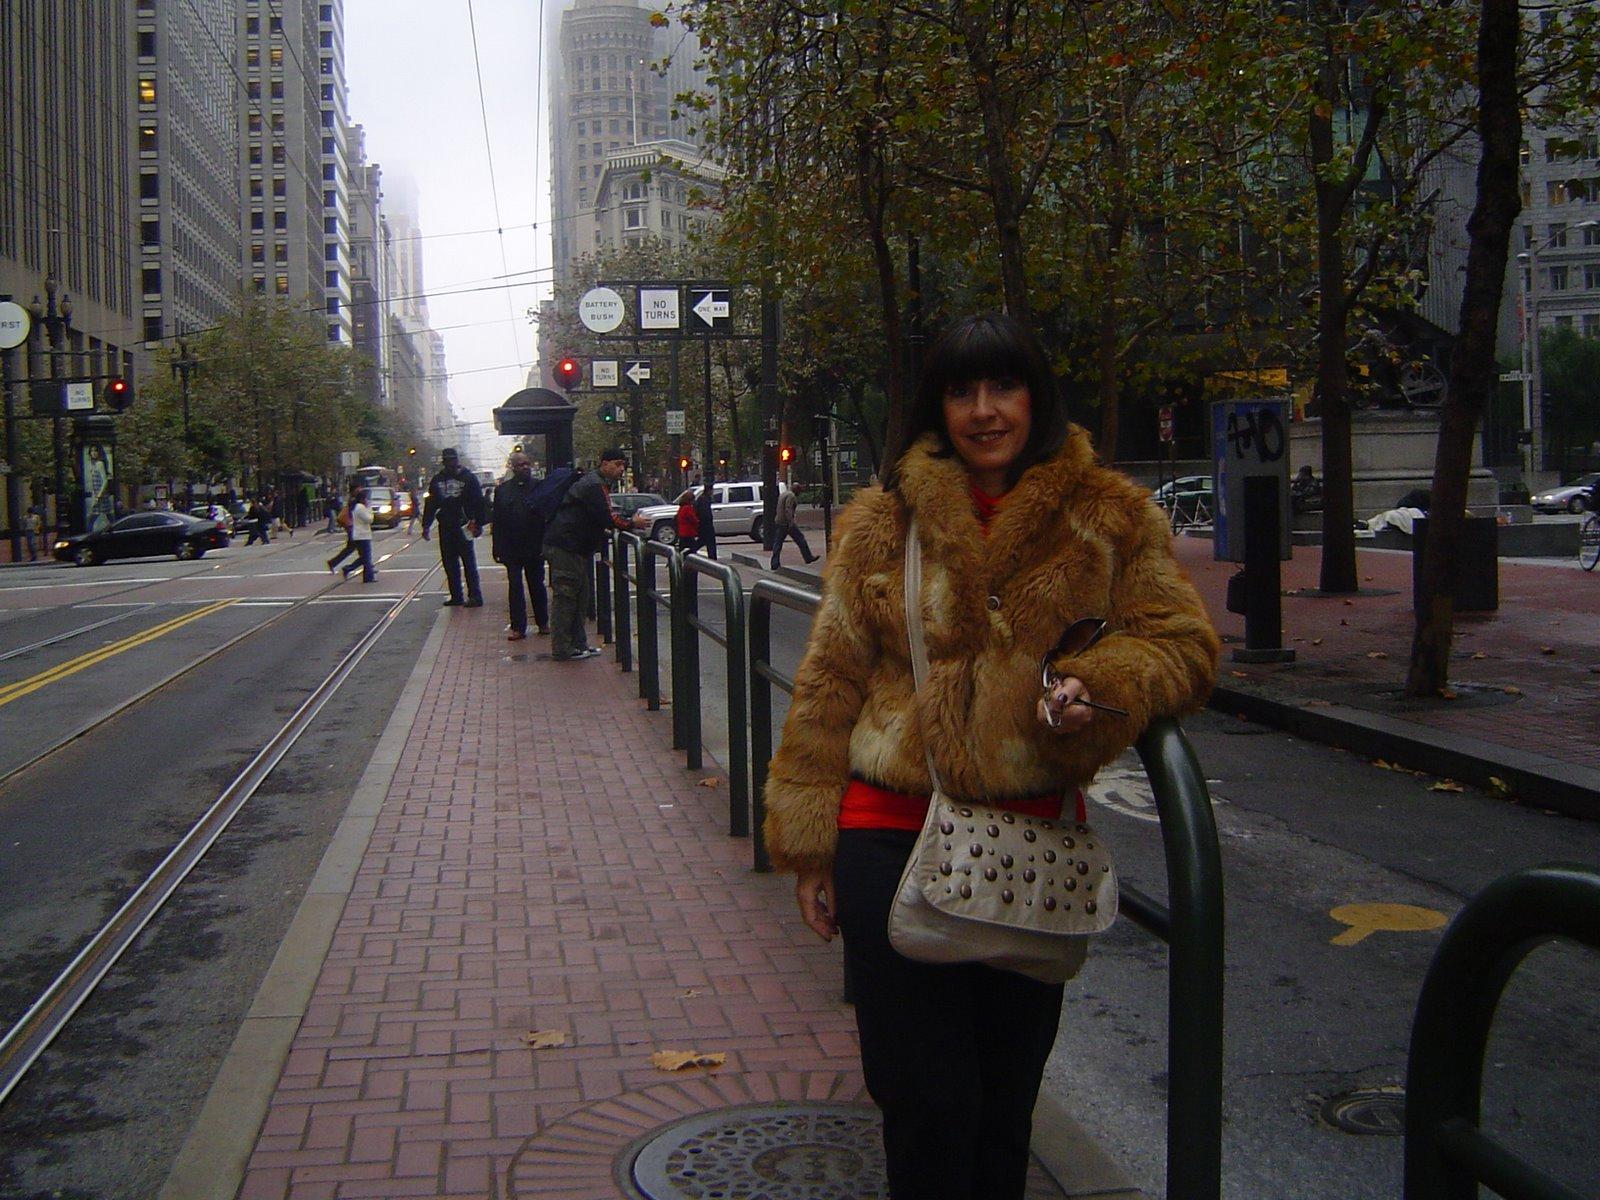 El clima estaba bastante frío.